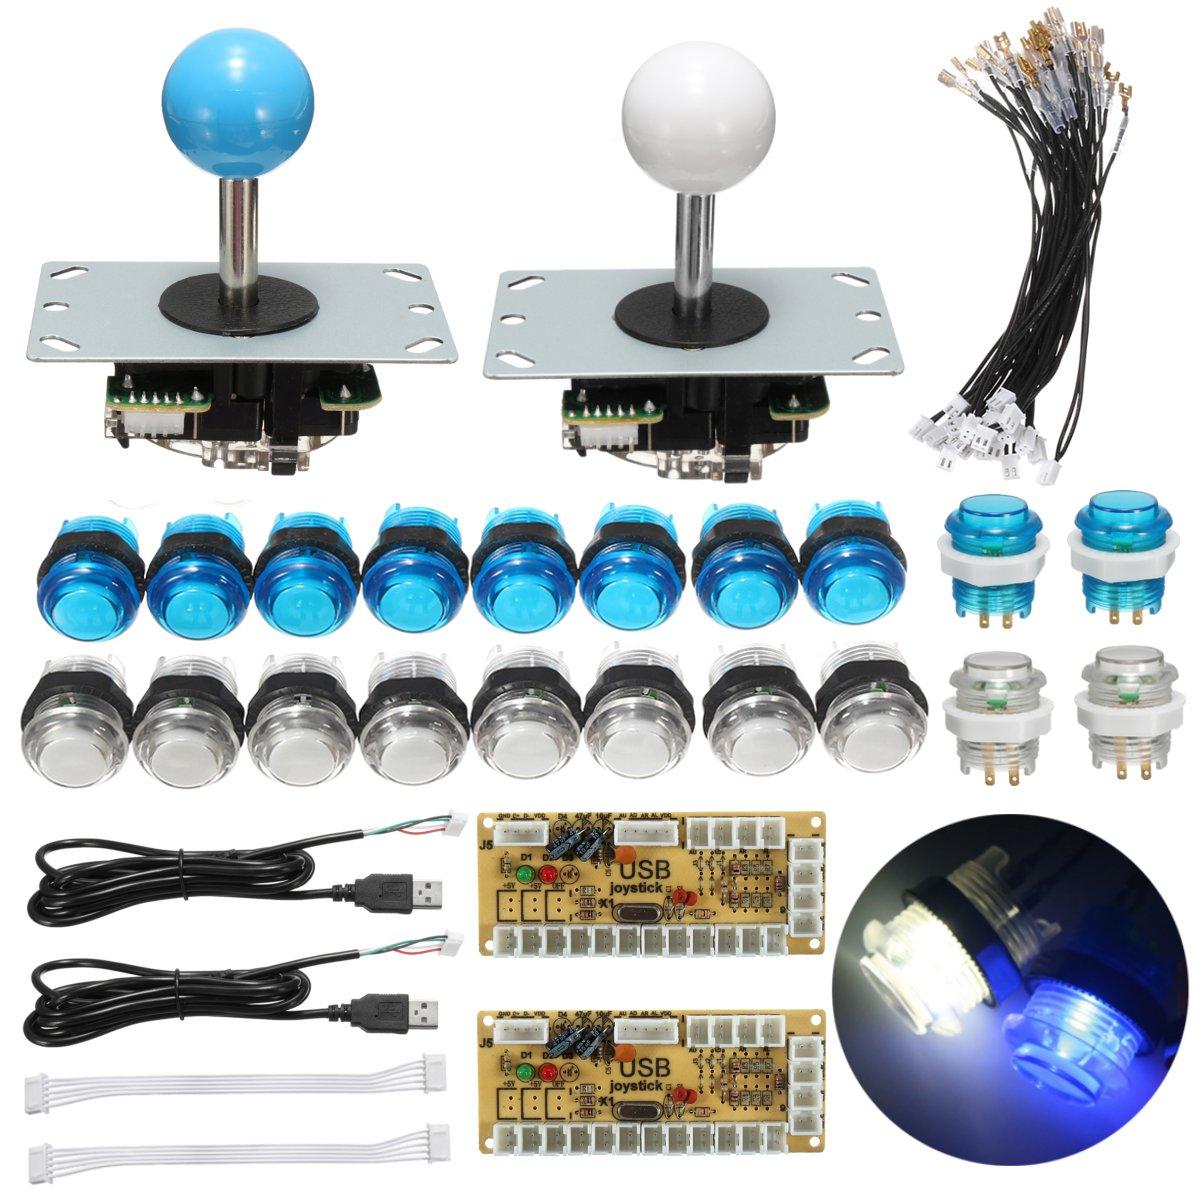 Jogadores 2 Atraso Joystick Arcade Peças DIY Kit LED Push Button + Joystick + USB Controlador Para Mame Codificador para raspberry Pi 3